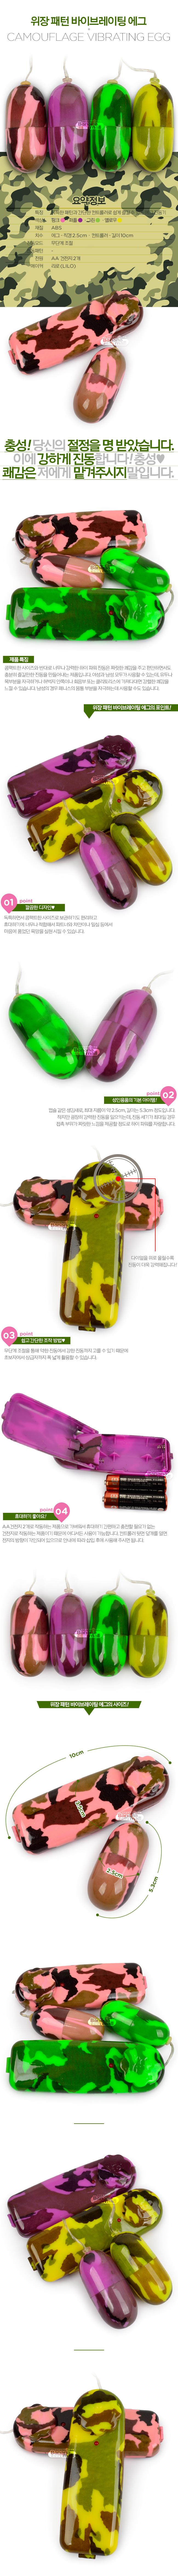 [멀티 스피드] 위장 패턴 바이브레이팅 에그(Lilo Camouflage Vibrating Egg) - 리로(B-802) (LILO)